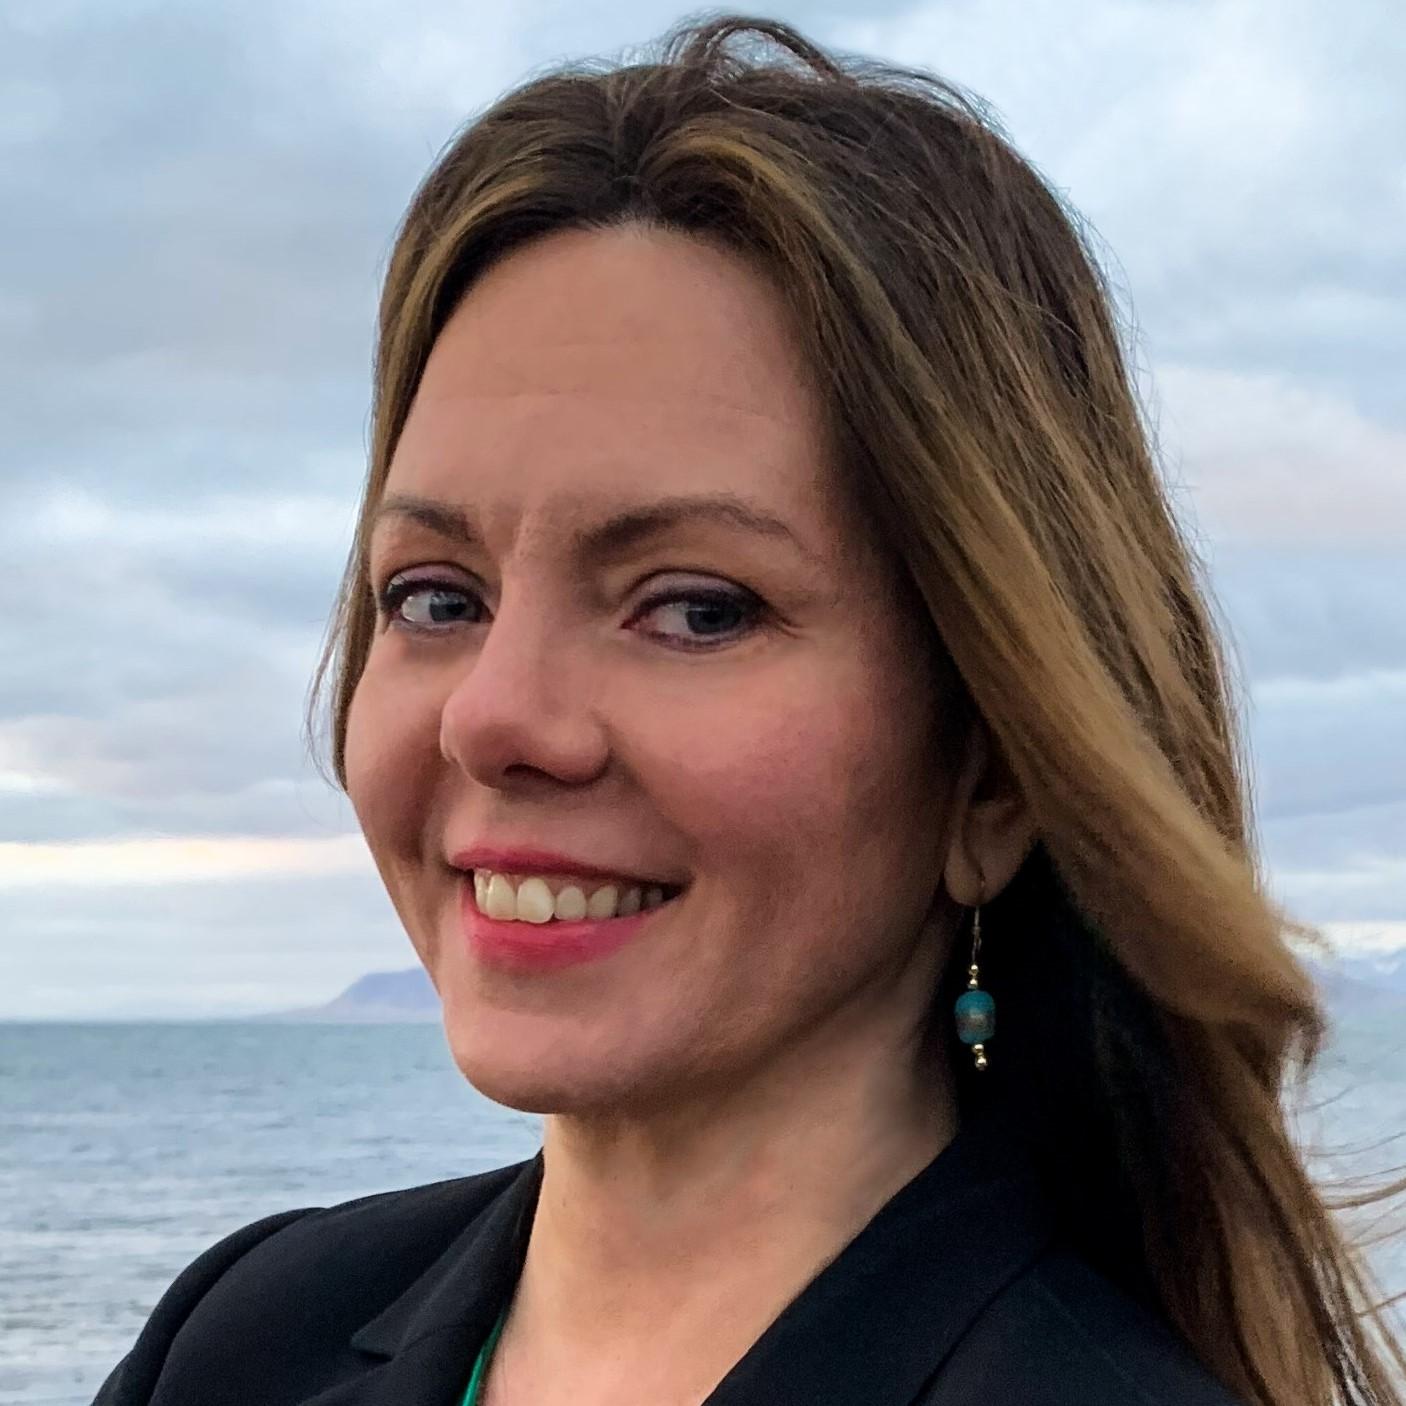 Jenný Guðrún